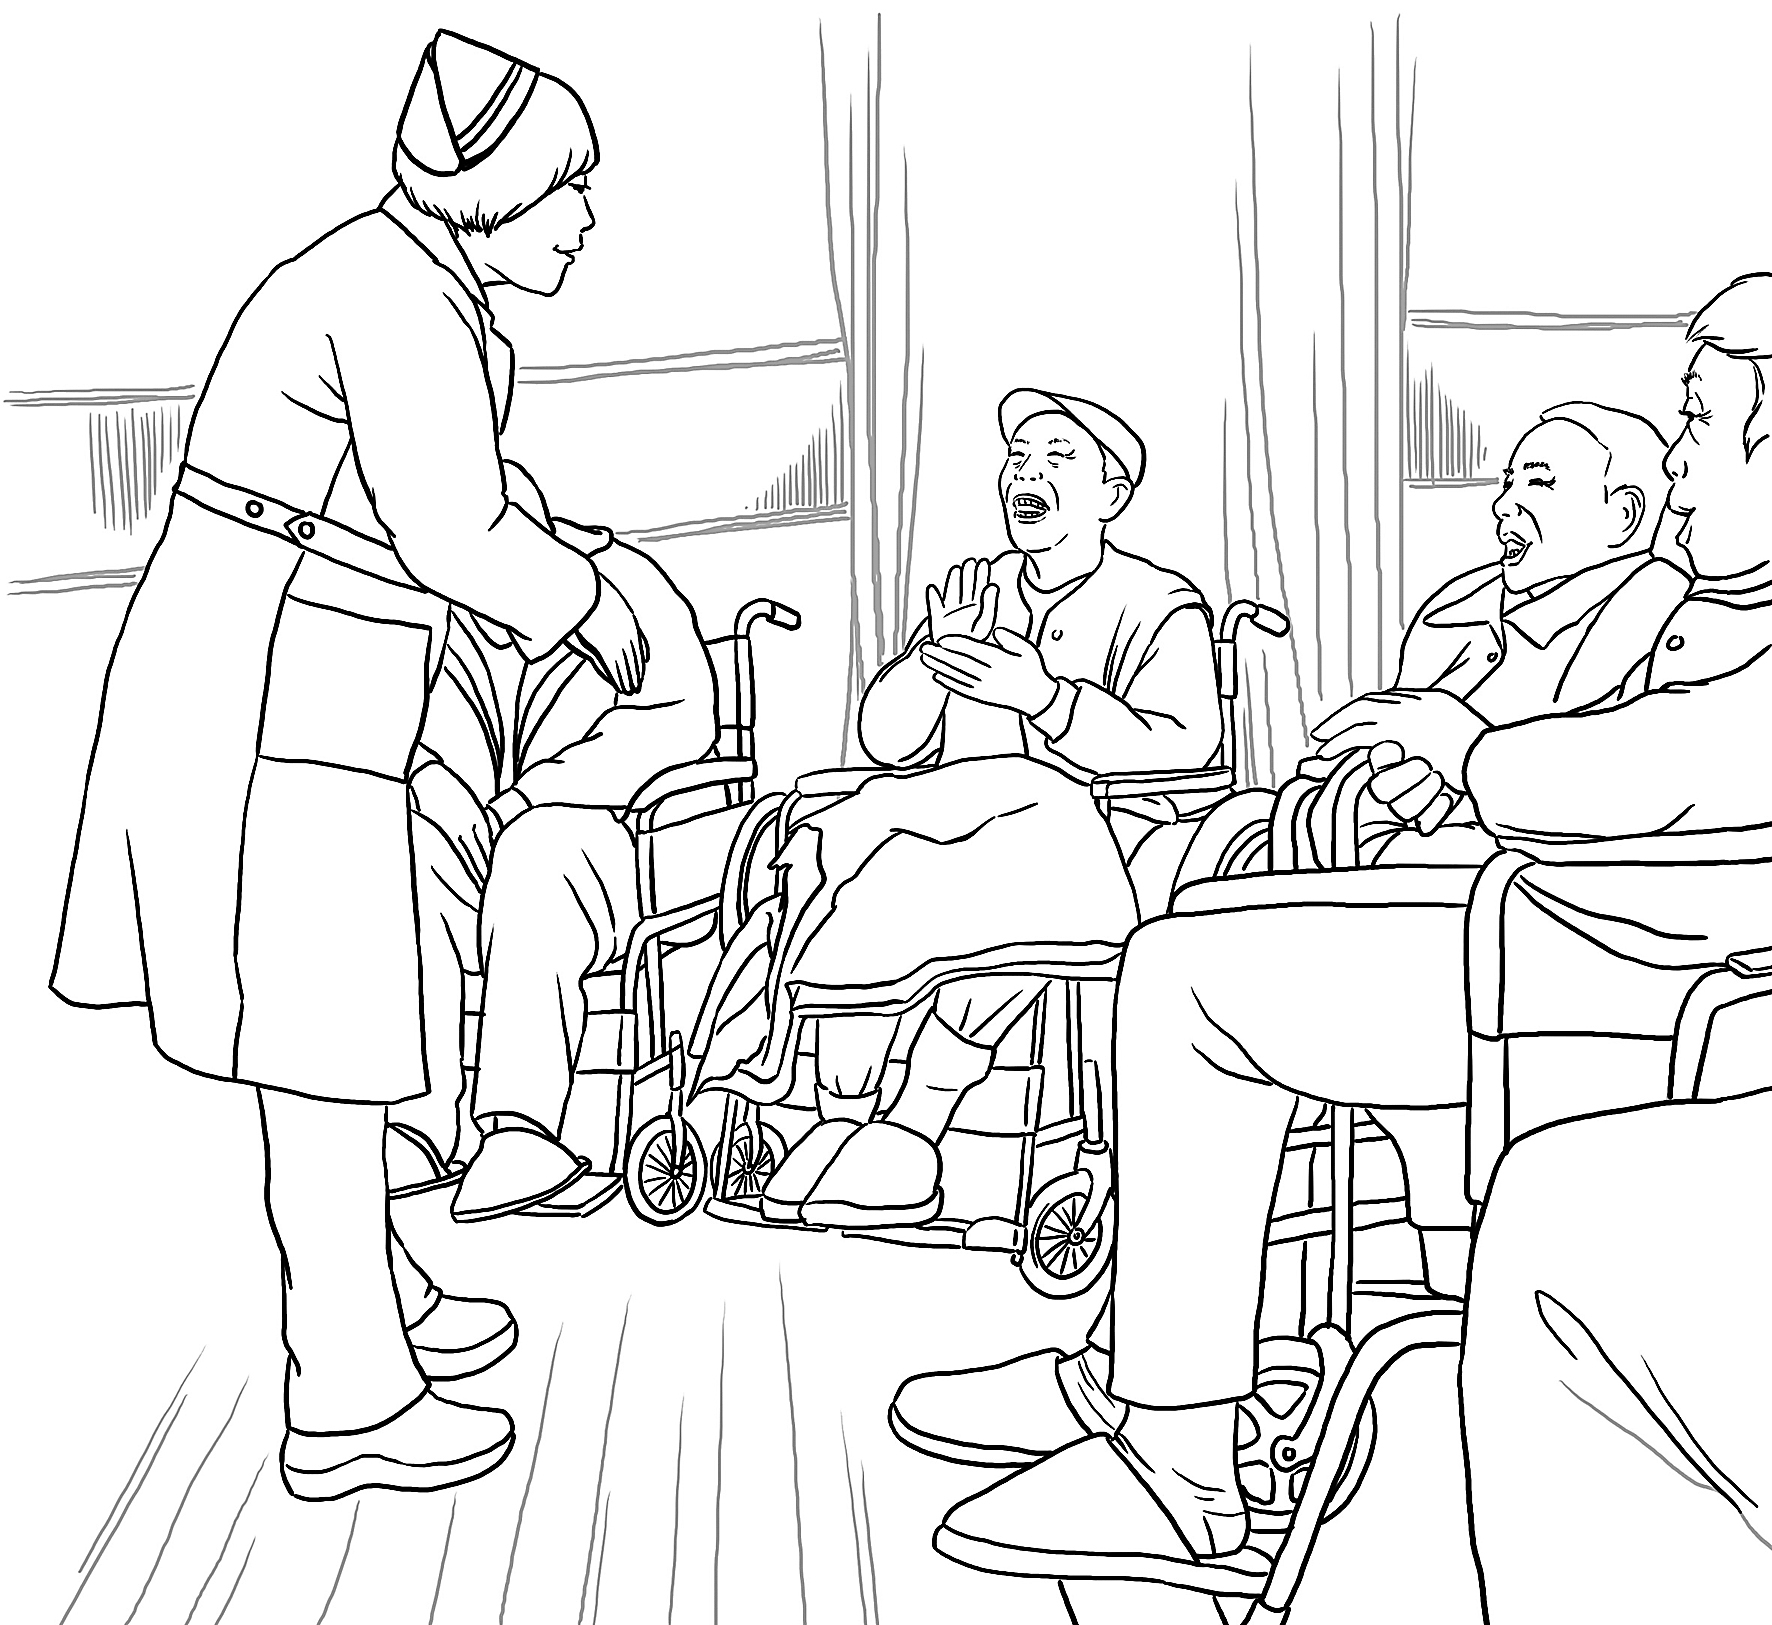 每天只要没有别的事情,院长李松堂都会在他的医院里转悠。他精神矍铄、声音洪亮,很难看出他已经65岁了。 创办关怀医院,缘自近半个世纪前的一次深刻触动。1968年,李松堂从北京到内蒙古农村插队当赤脚医生,认识了一位被打成右派的老知识分子。他在村里小学教书,平日彬彬有礼,人们叫他张老师。